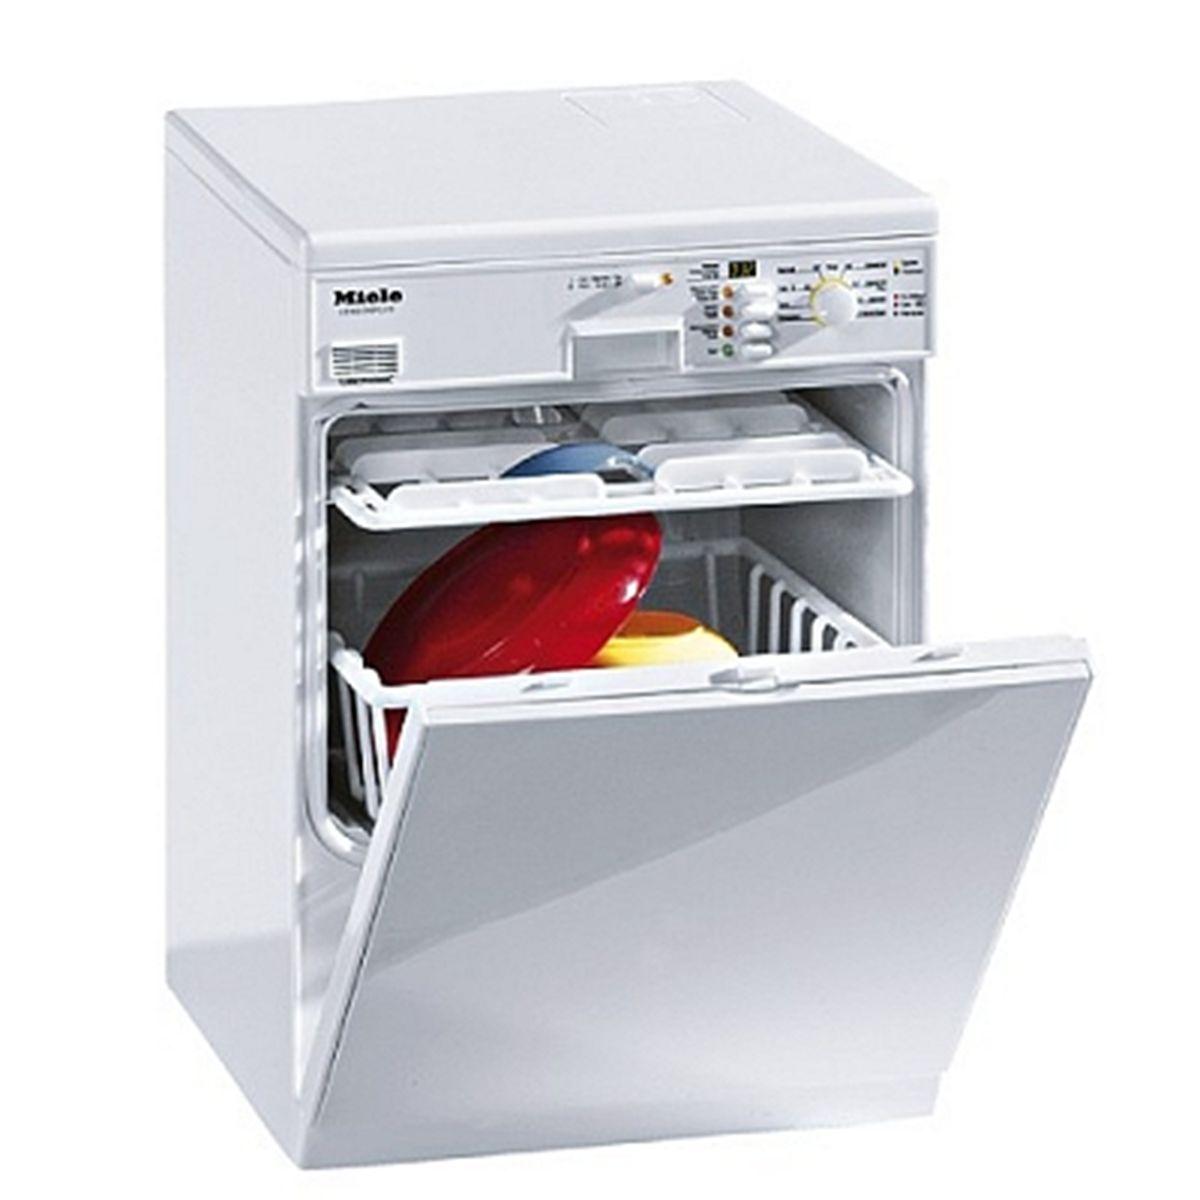 Peinture Pour Lave Vaisselle lave-vaisselle électronique mièle